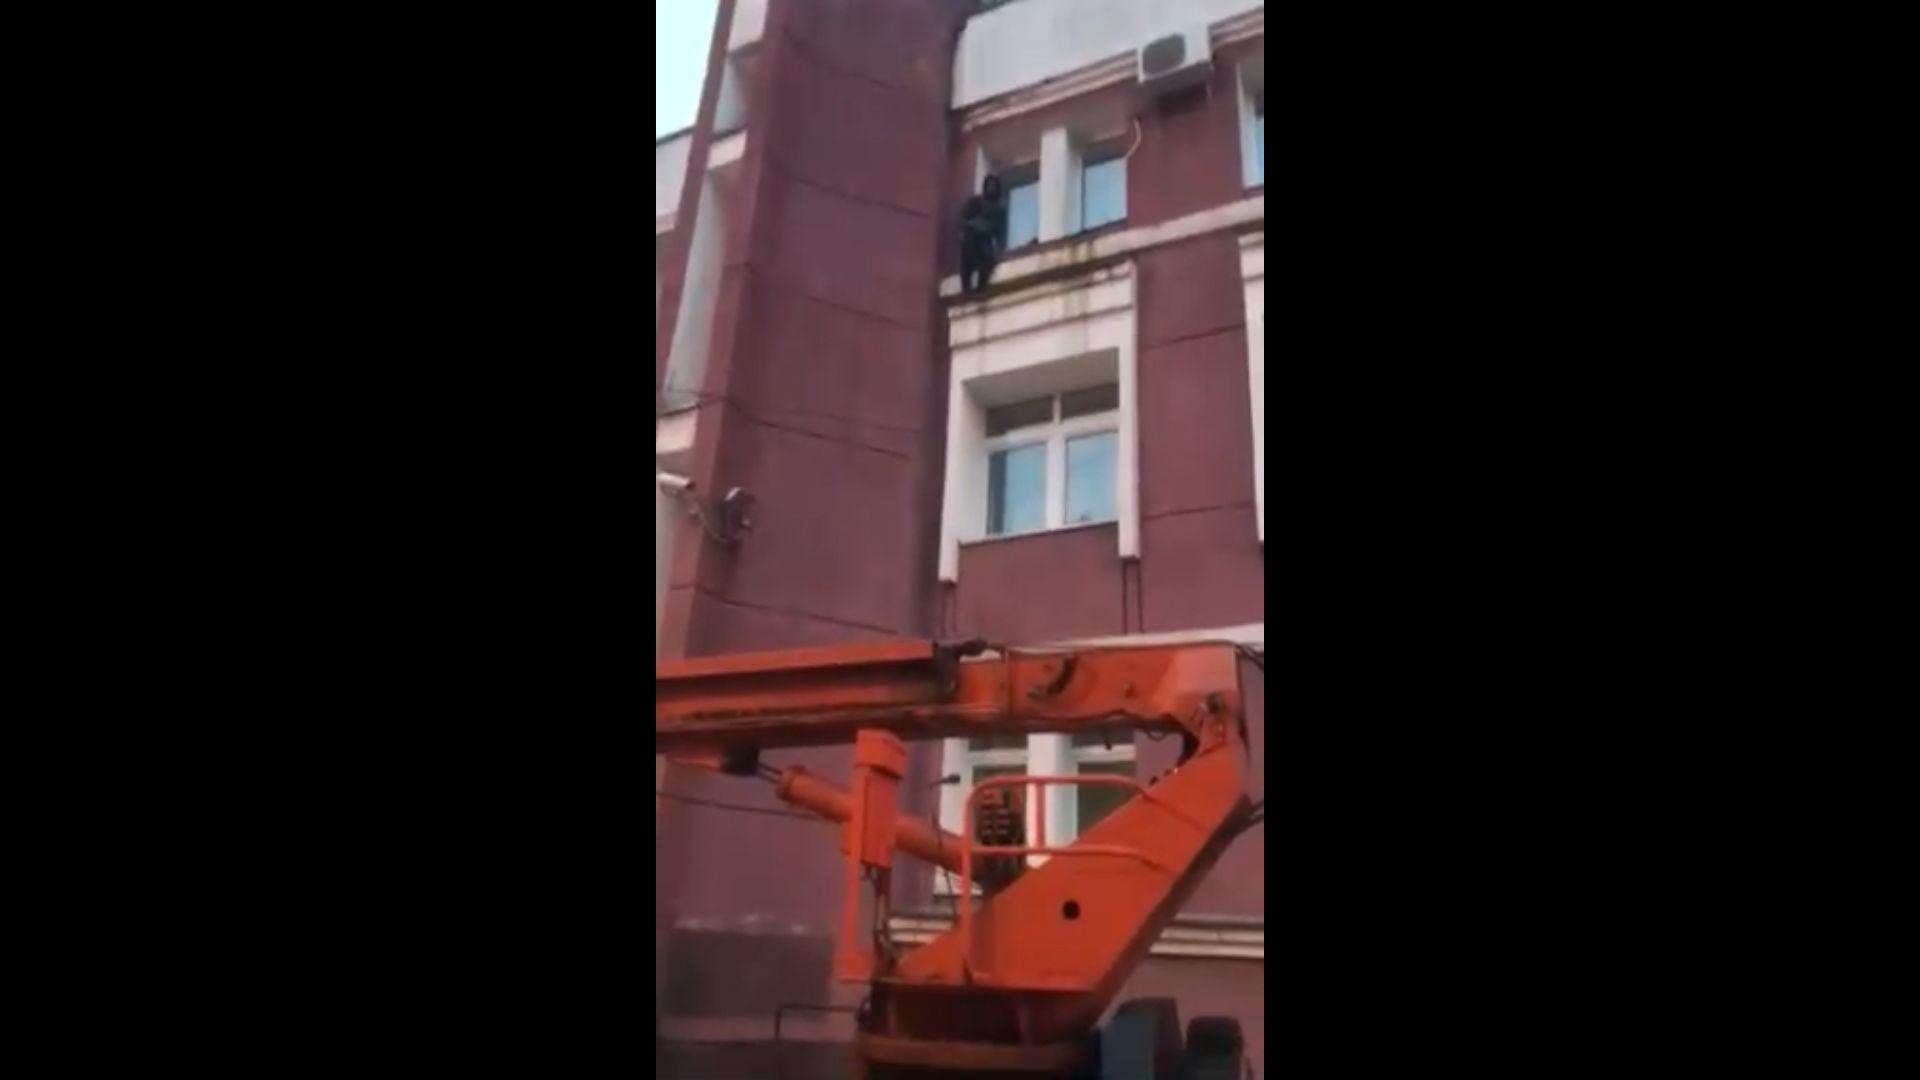 В центре Ярославля спасатели сняли со стены здания паркурщика: видео